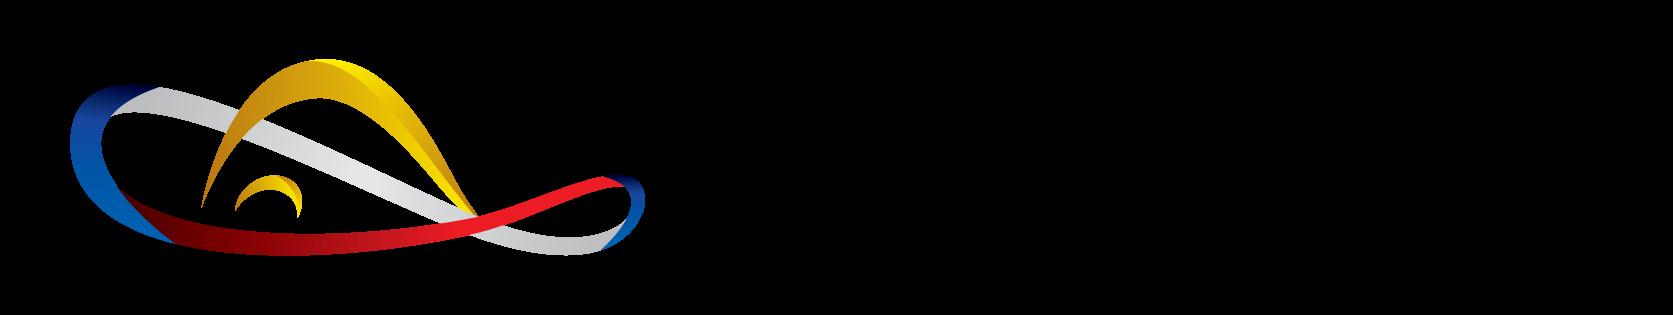 https://www.czechswimming.cz